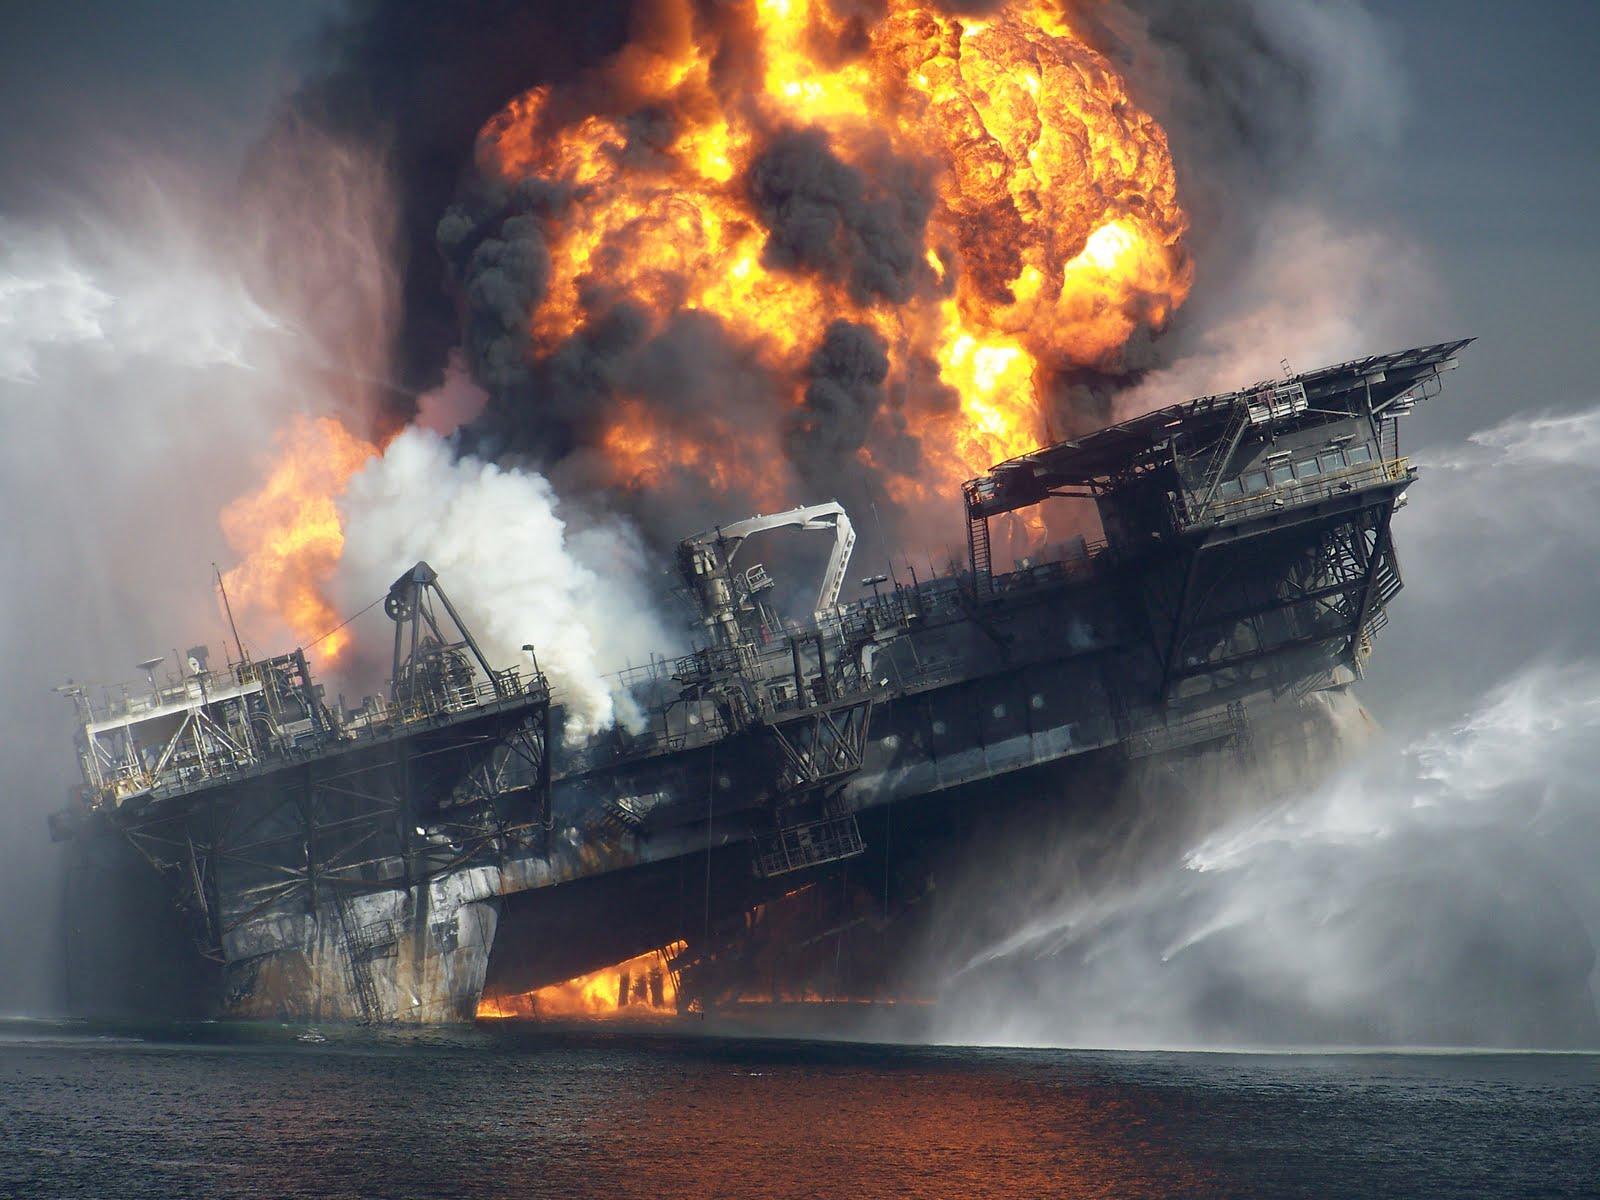 deepwater horizon explosion 2